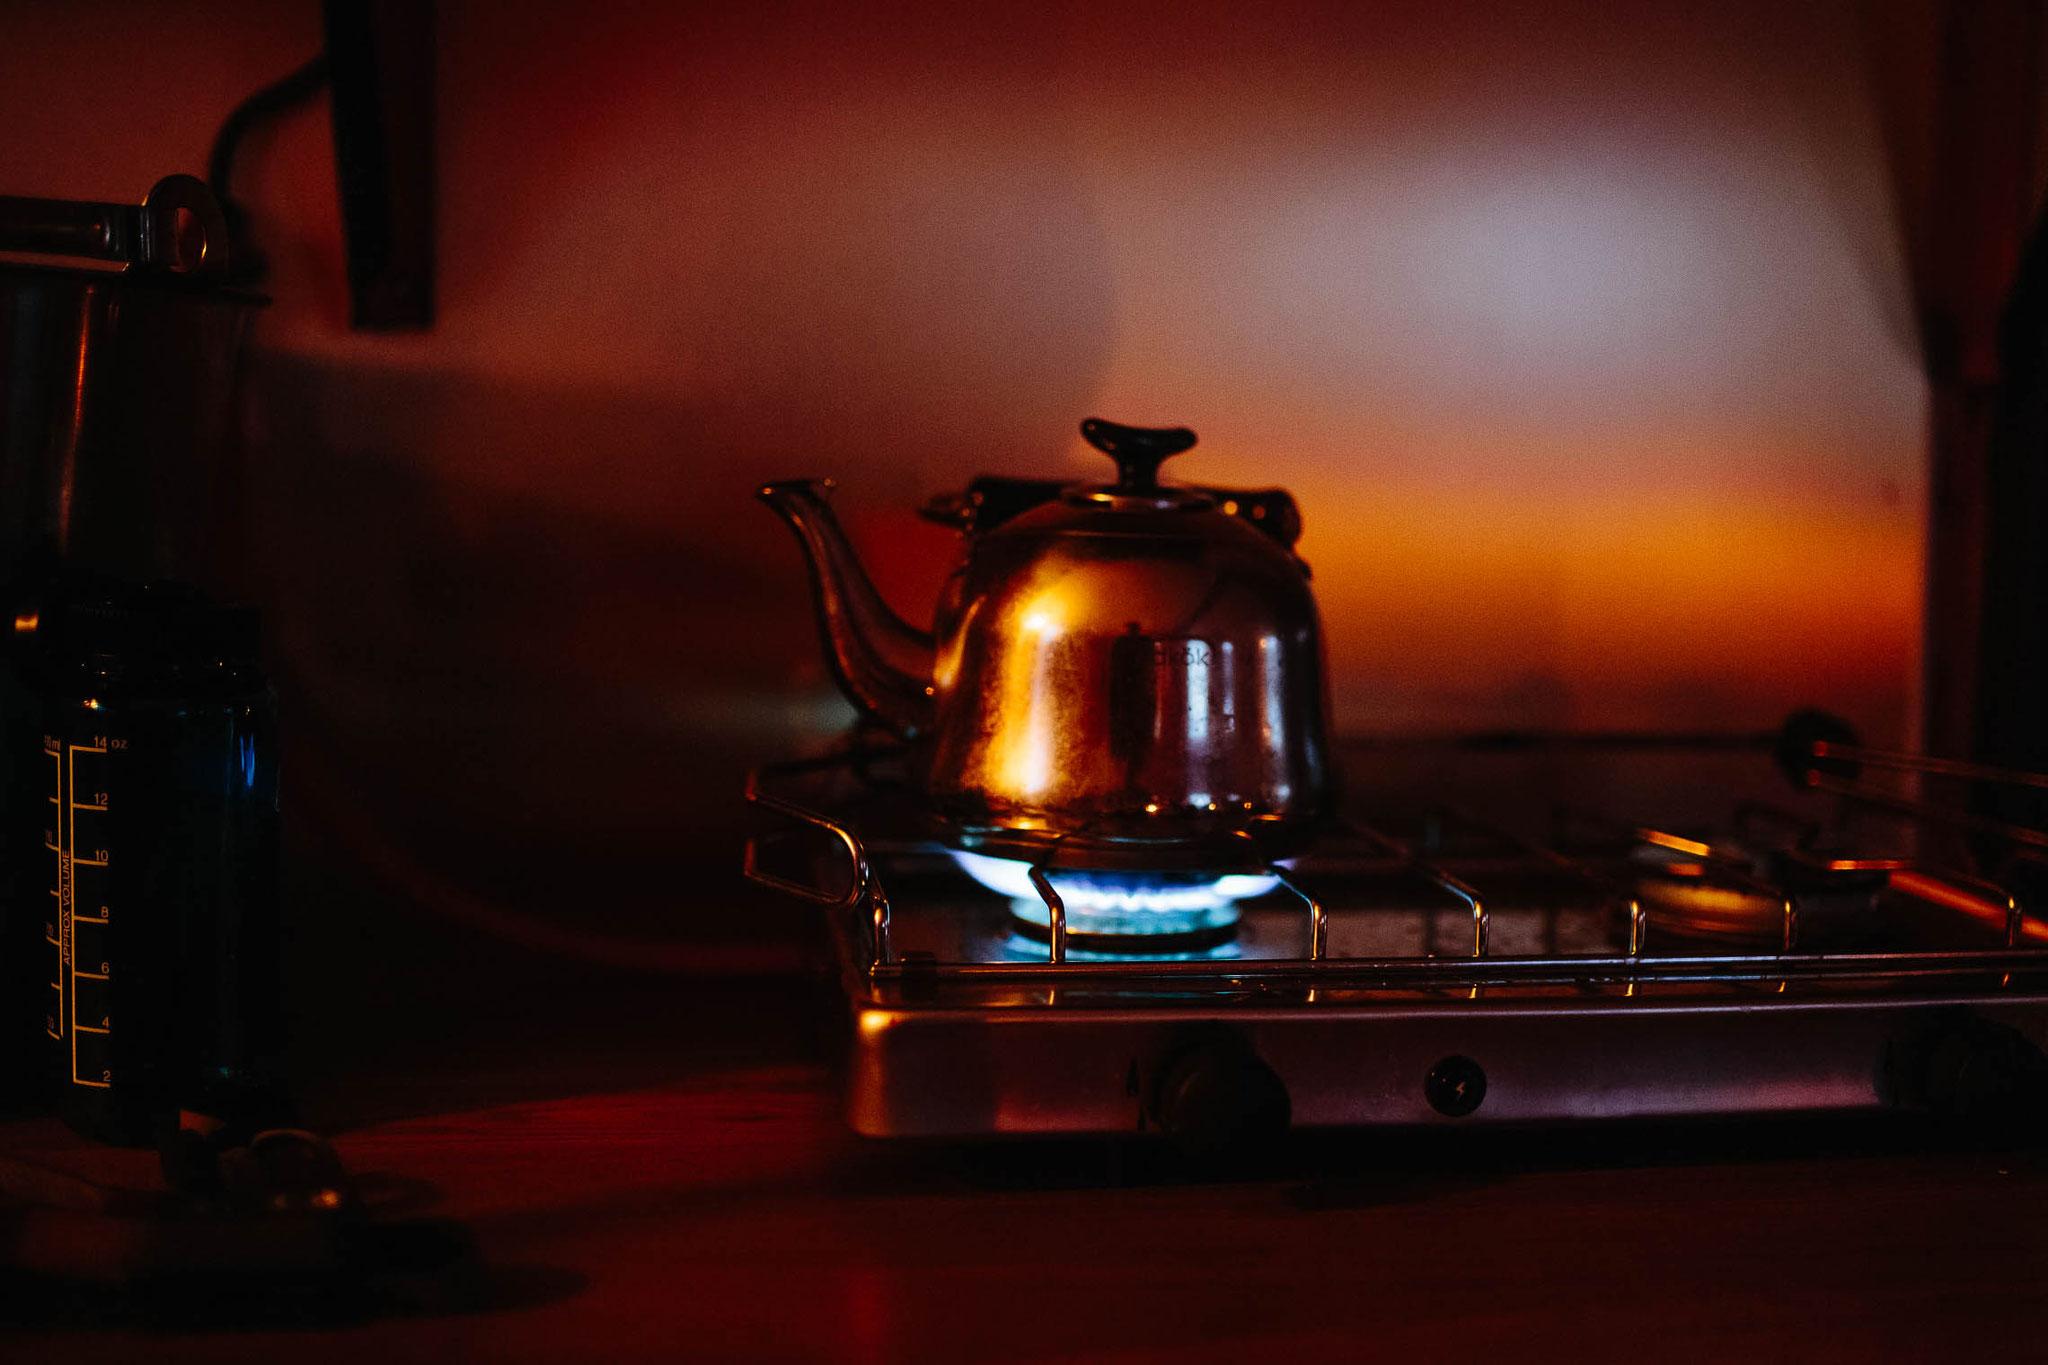 Ein bisschen Gas sparen fürs Wasser aufkochen